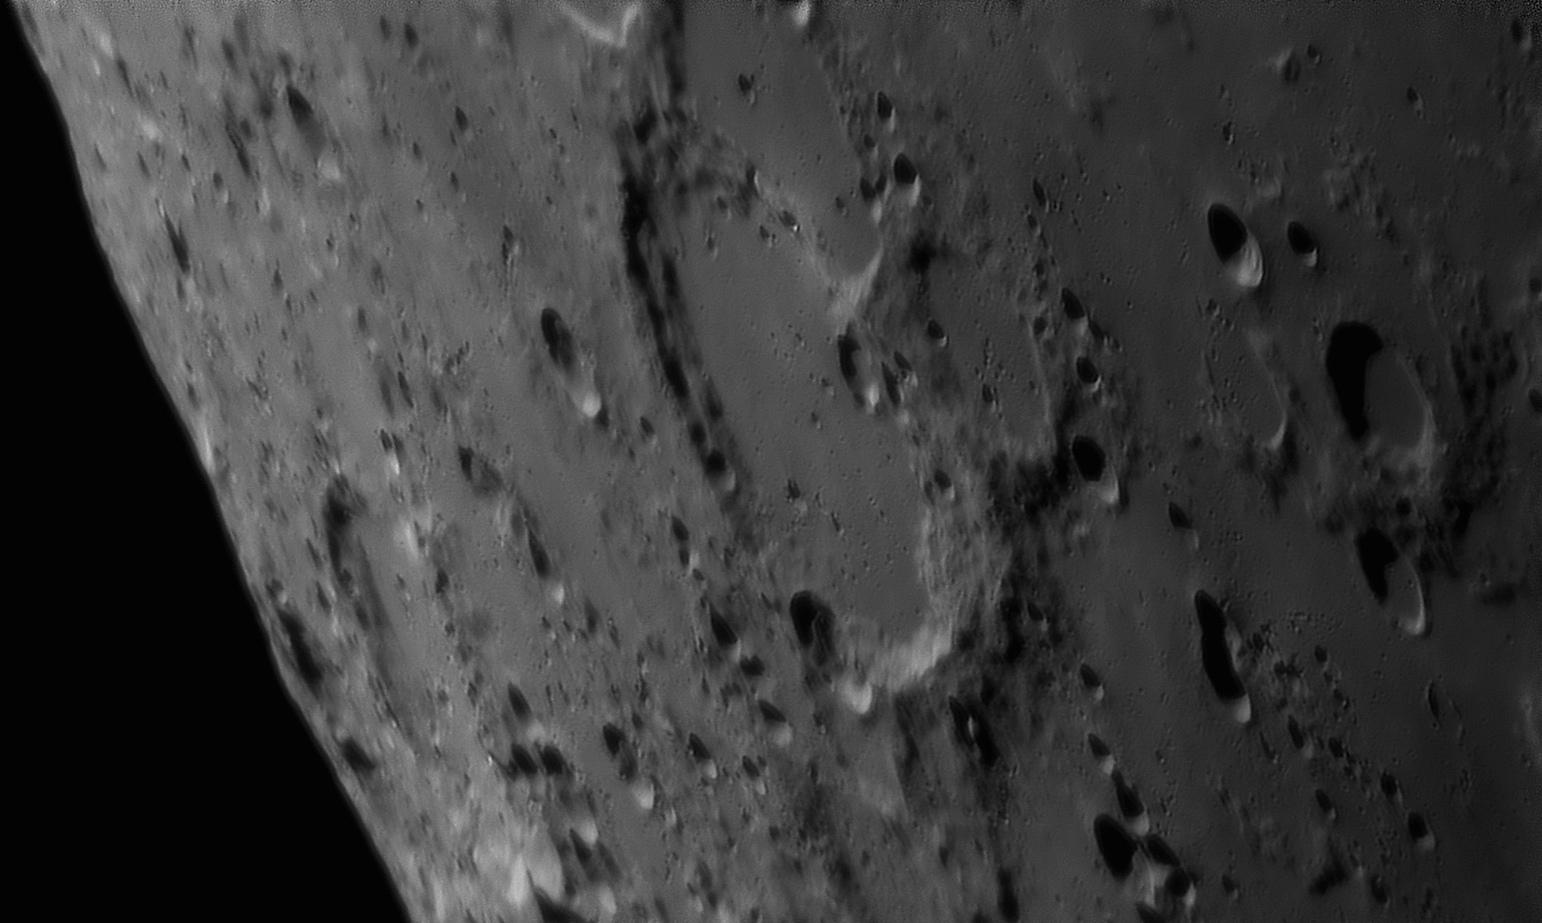 Lune 25/08/2019 C14 ASI290 Barlow 2x Clavé : PHOCYLIDES